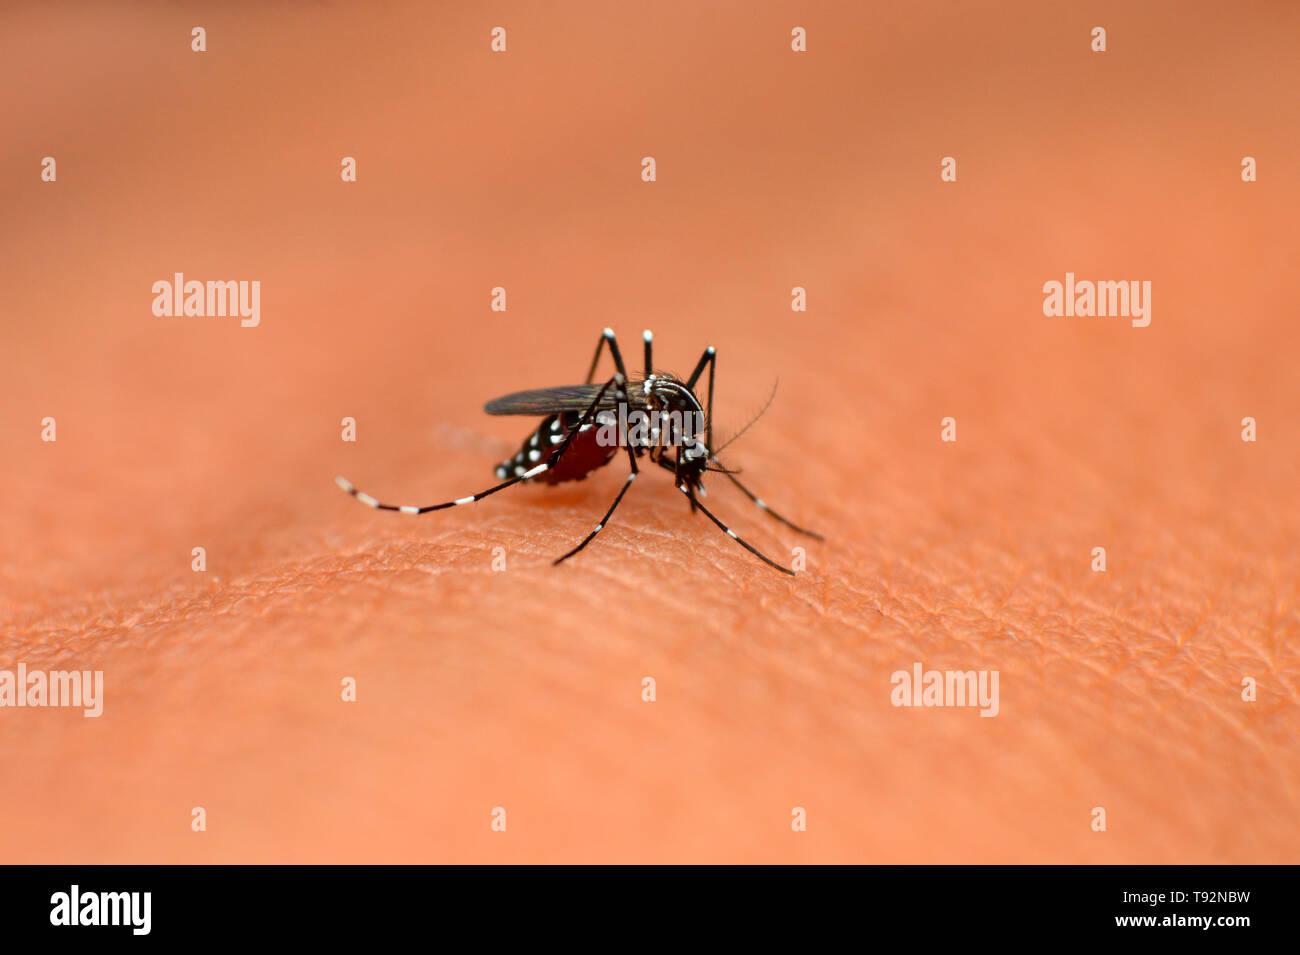 Asian tiger mosquito, Aedes albopictus, Mahabaleshwar, Maharashtra, India. - Stock Image